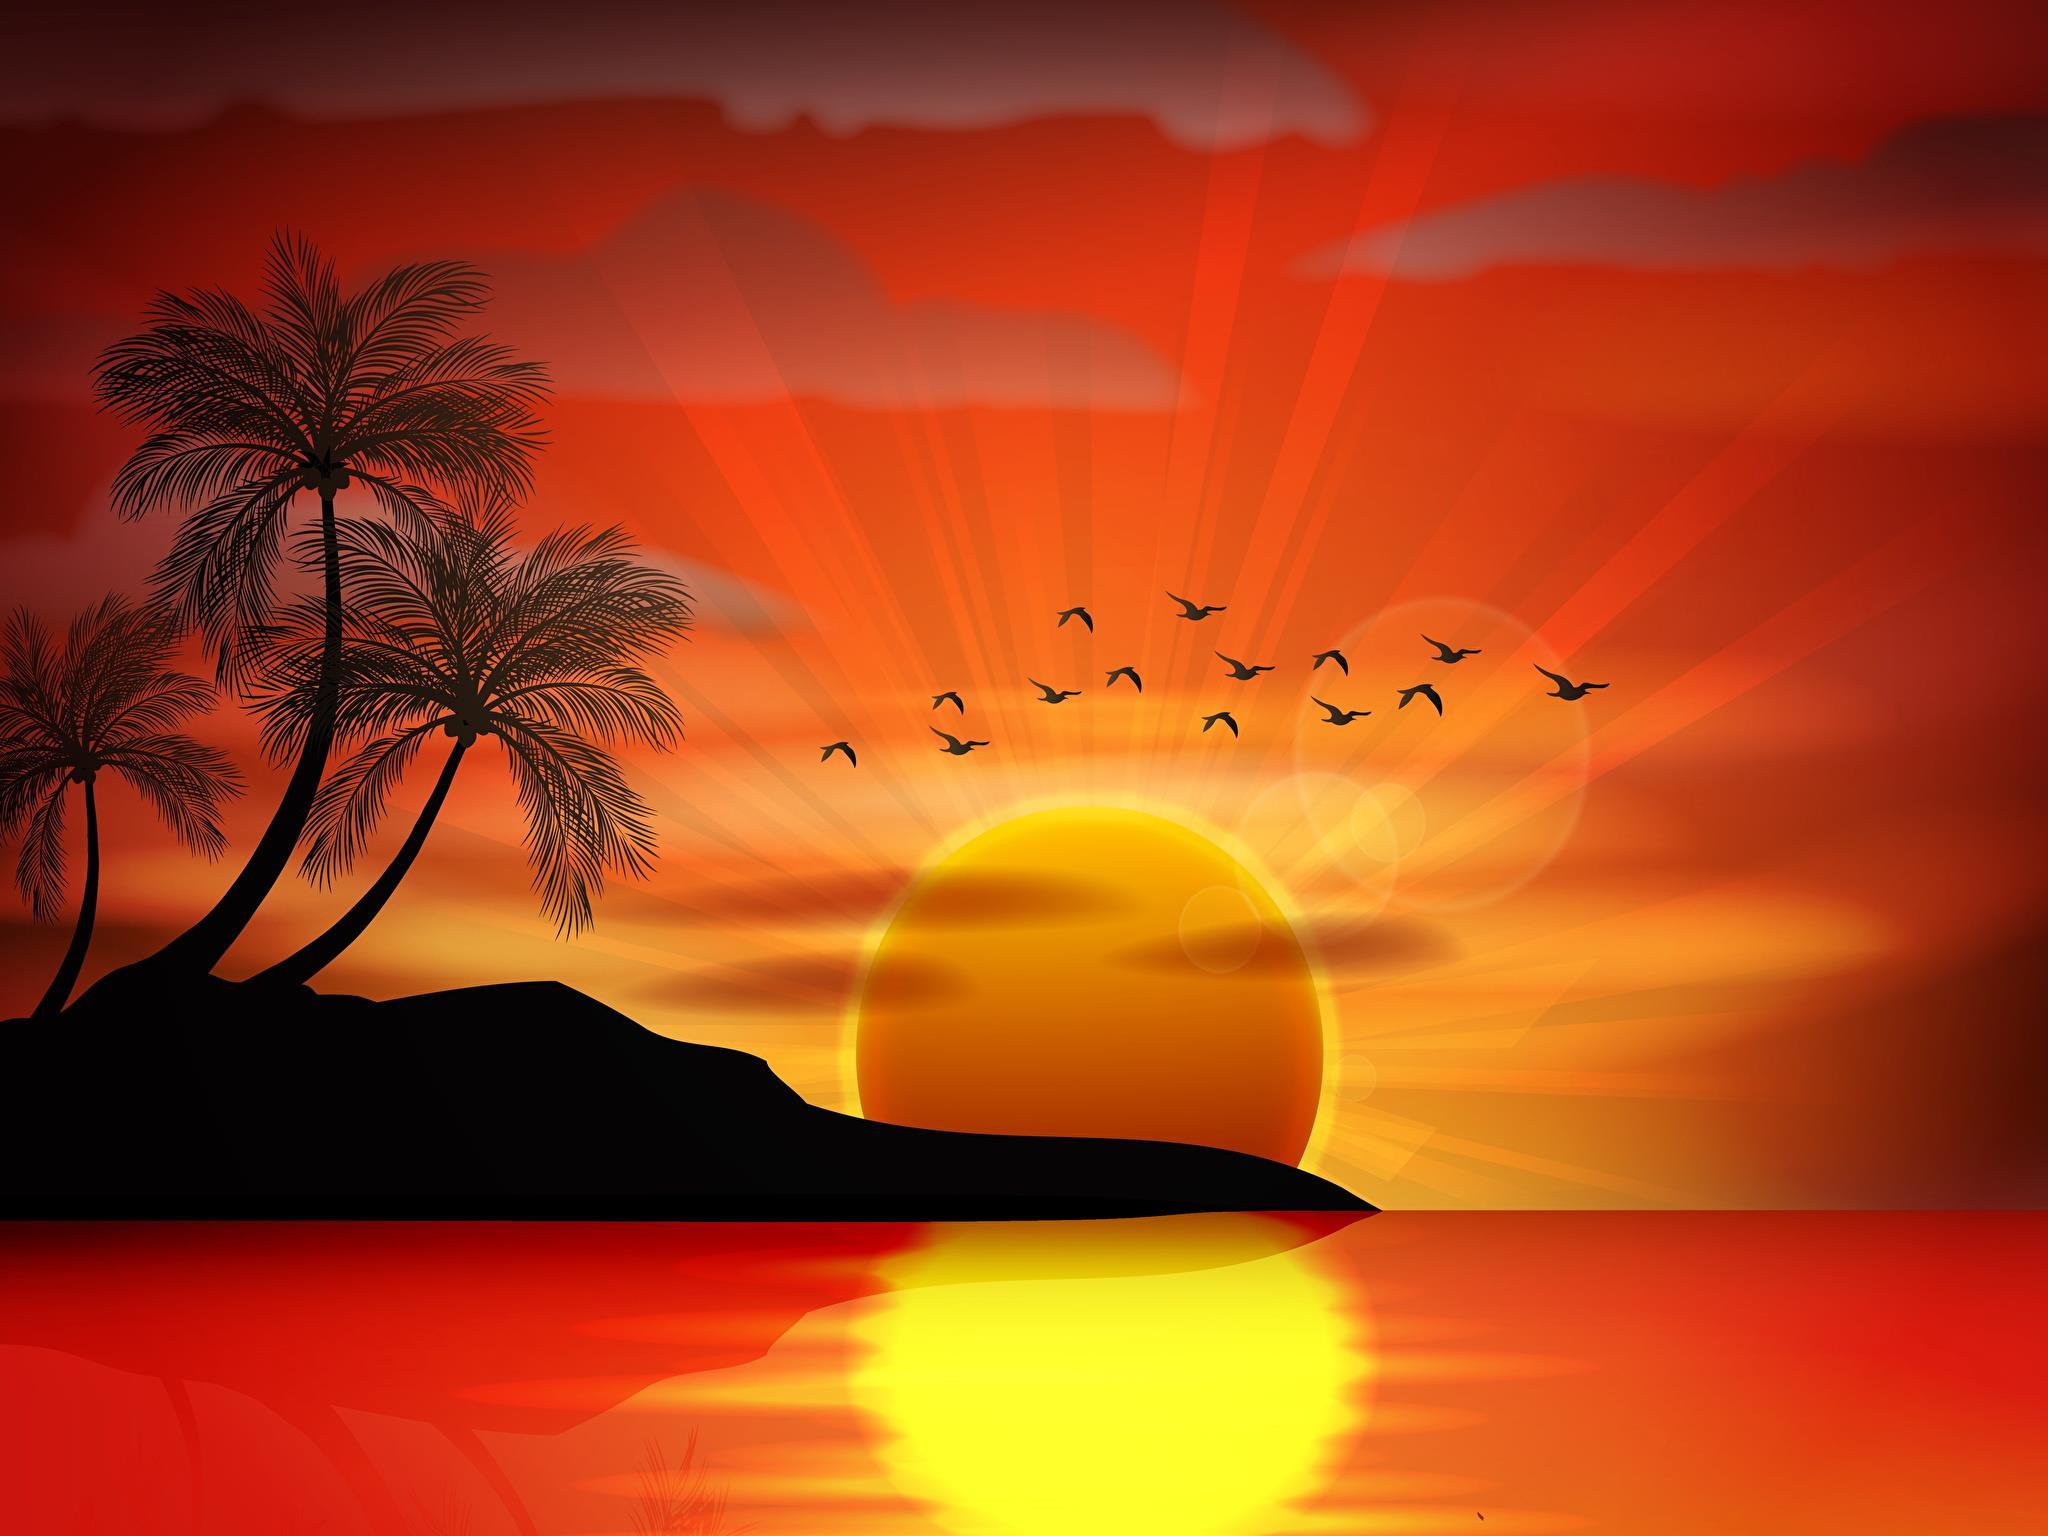 Il disegno di un tramonto - Sfondi per PC, iPhone, Android e profilo WhatsApp da scaricare